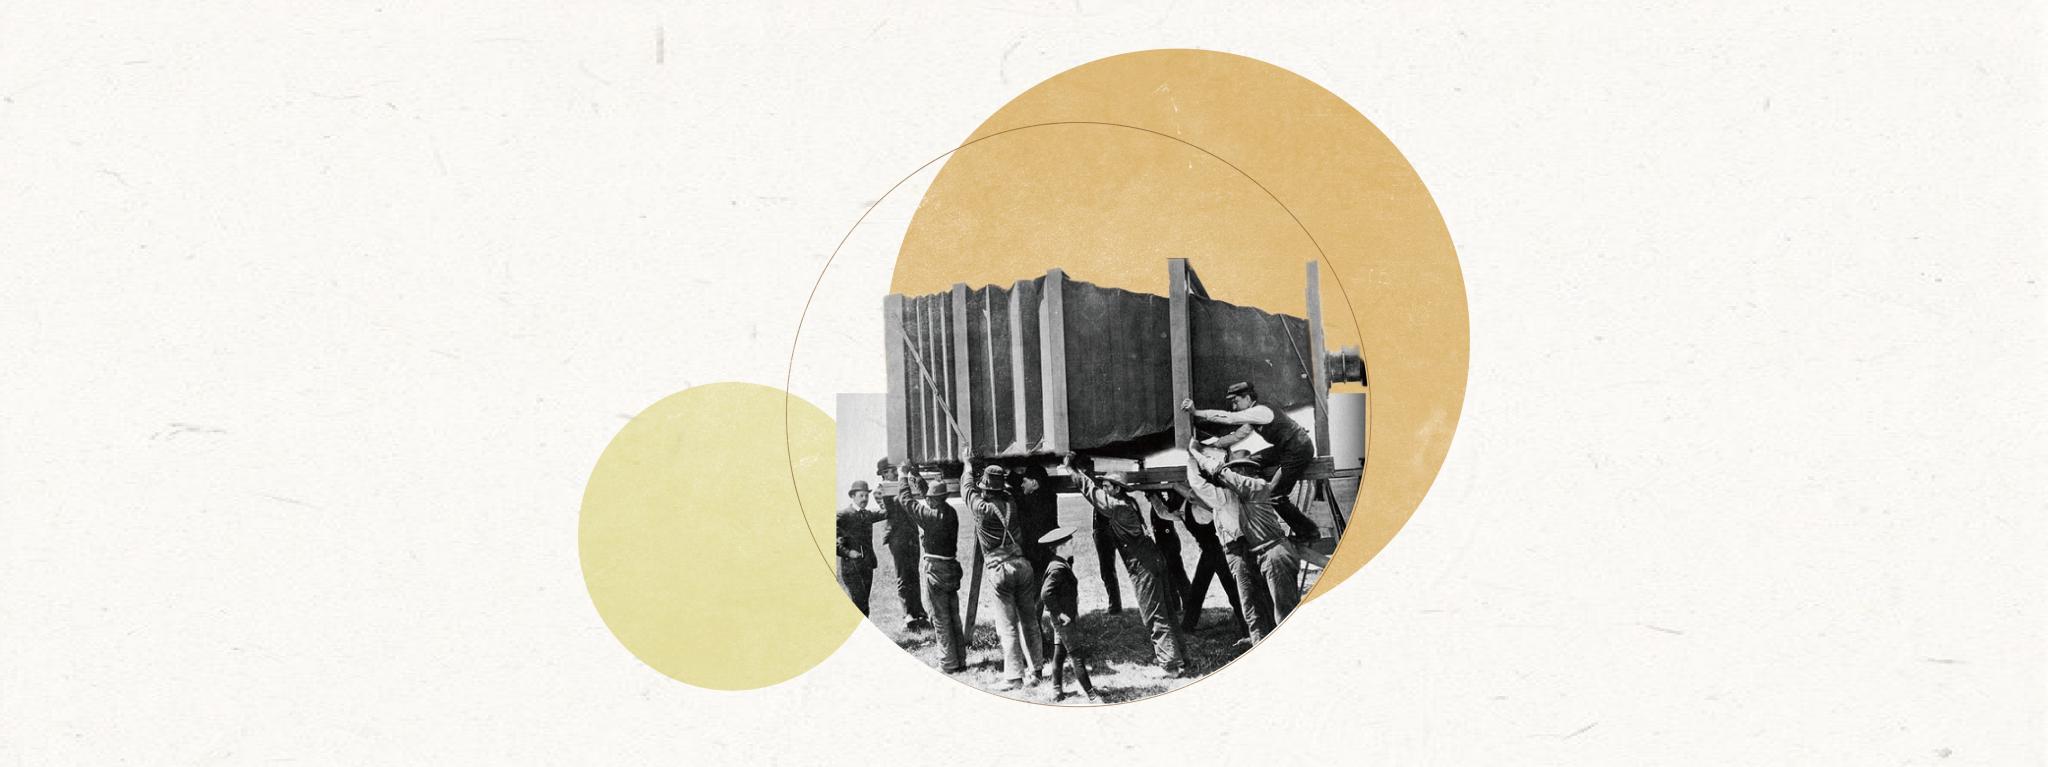 【淺談相機歷史:相機發展的關鍵人物及發明】